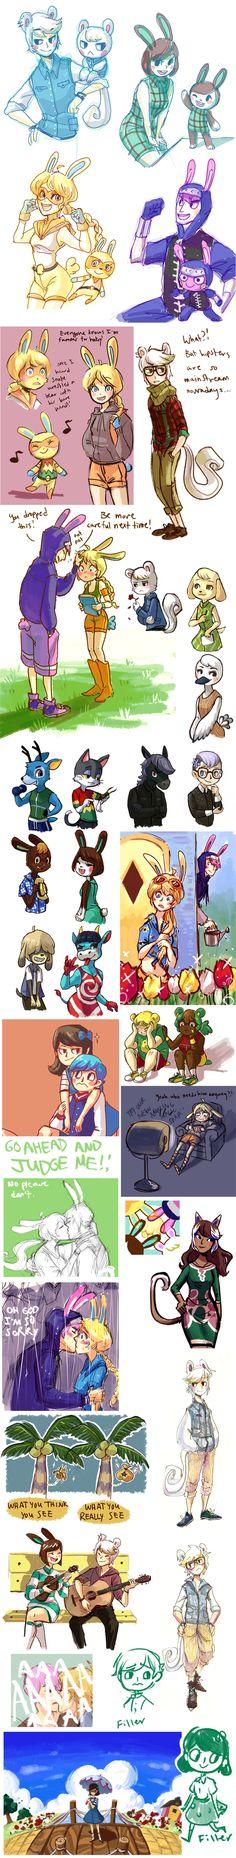 talking animal soap opera by Timidemerald.deviantart.com on @deviantART (Animal Crossing)